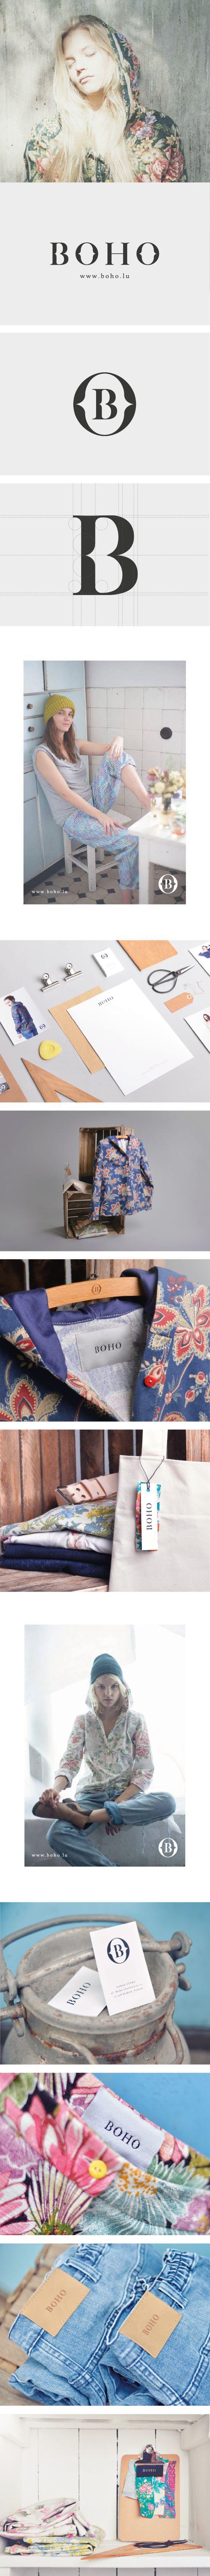 Boho Branding on Behance | Fivestar Branding – Design and Branding Agency & Inspiration Gallery